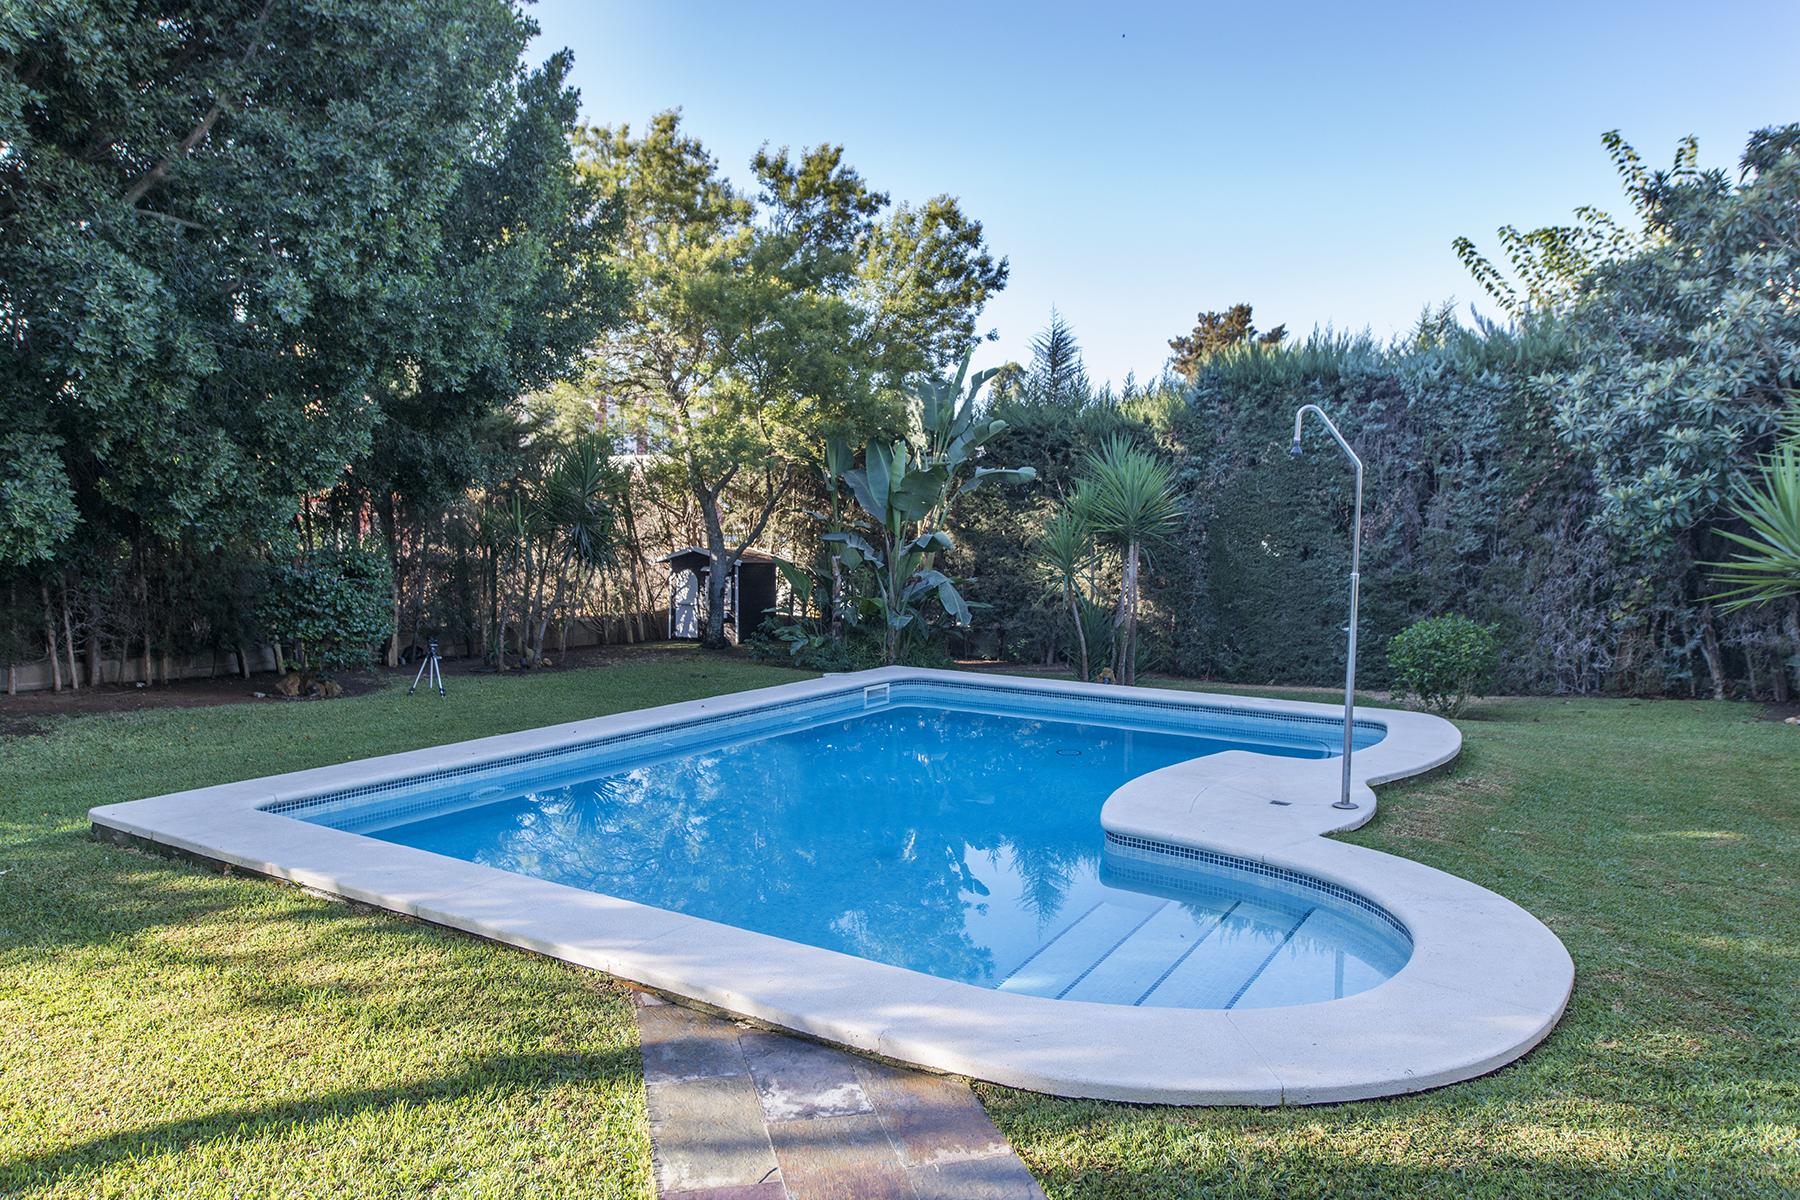 独户住宅 为 销售 在 Beautiful luxury villa in exclusive urbanization in Seville 安达卢西亚其他地方, 安达卢西亚, 西班牙